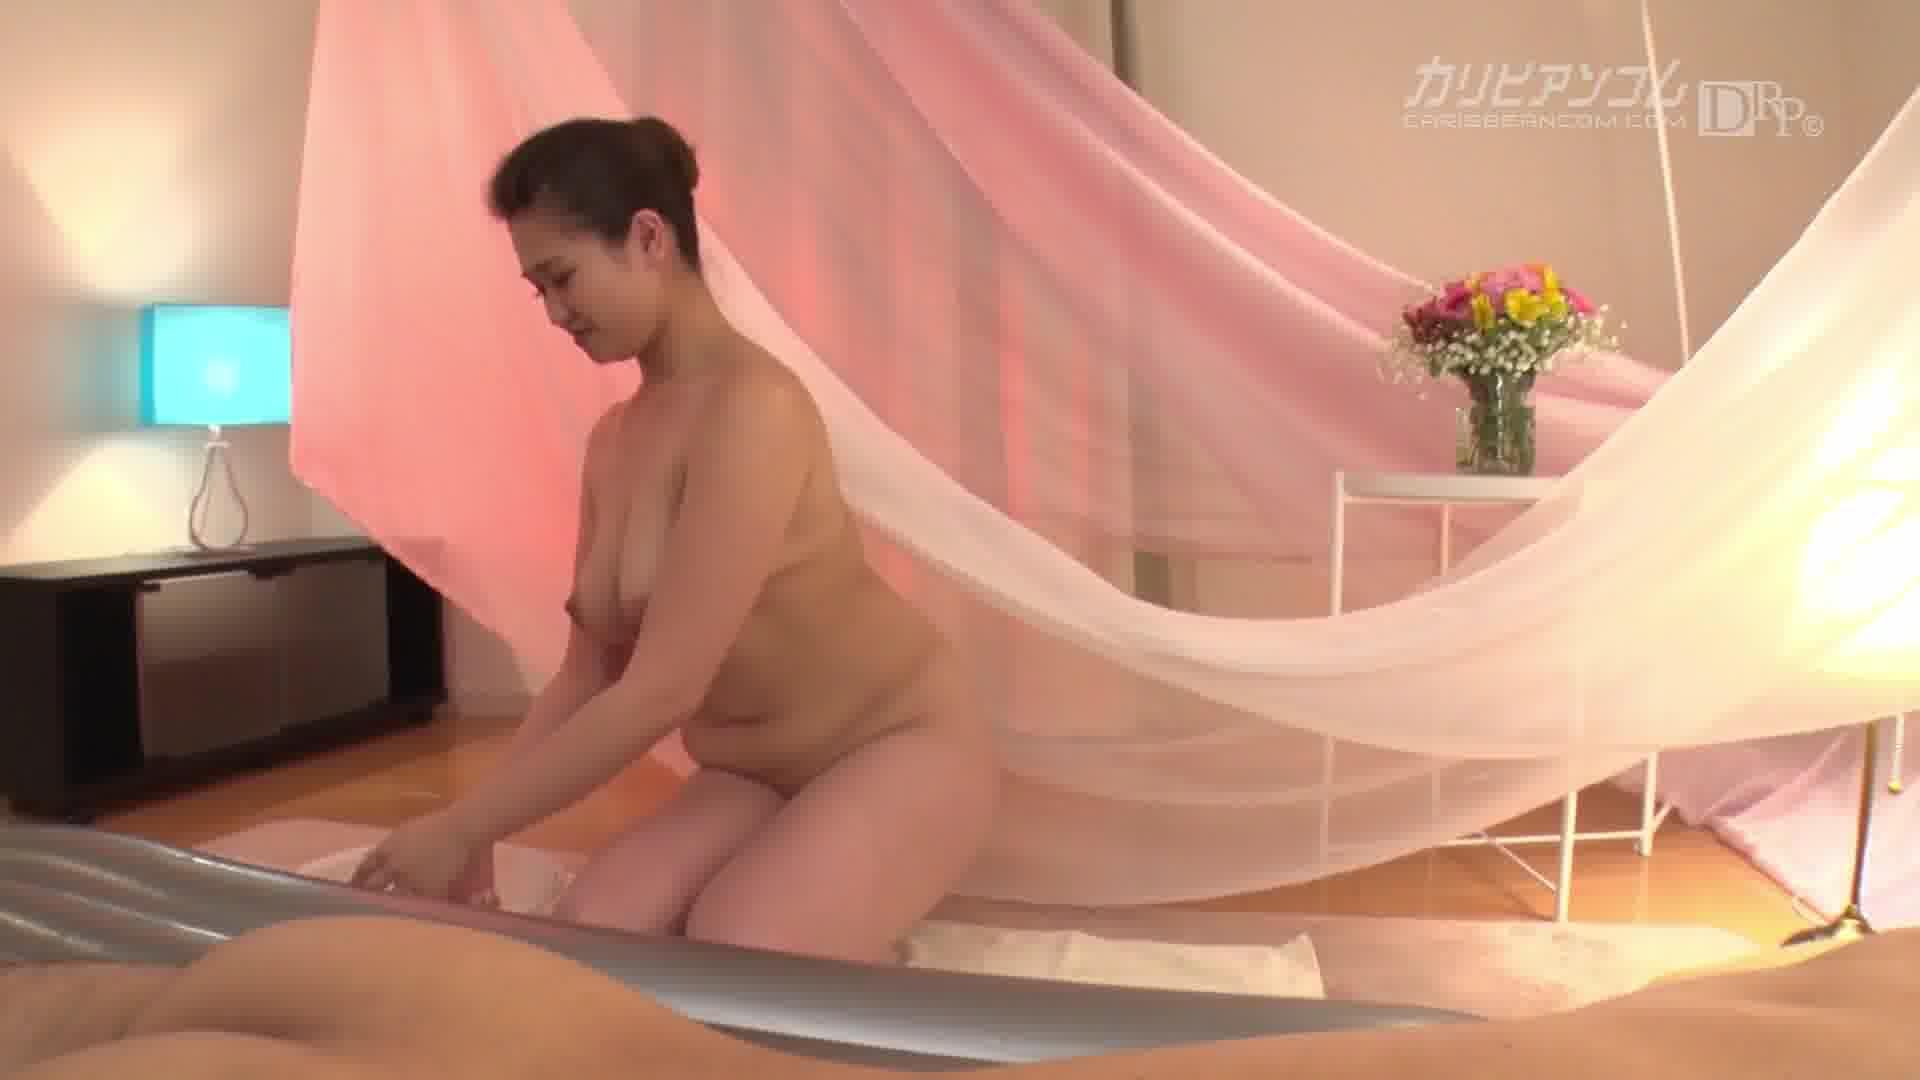 極上泡姫物語 Vol.54 - 深美せりな【パイパン・パイズリ・風俗】